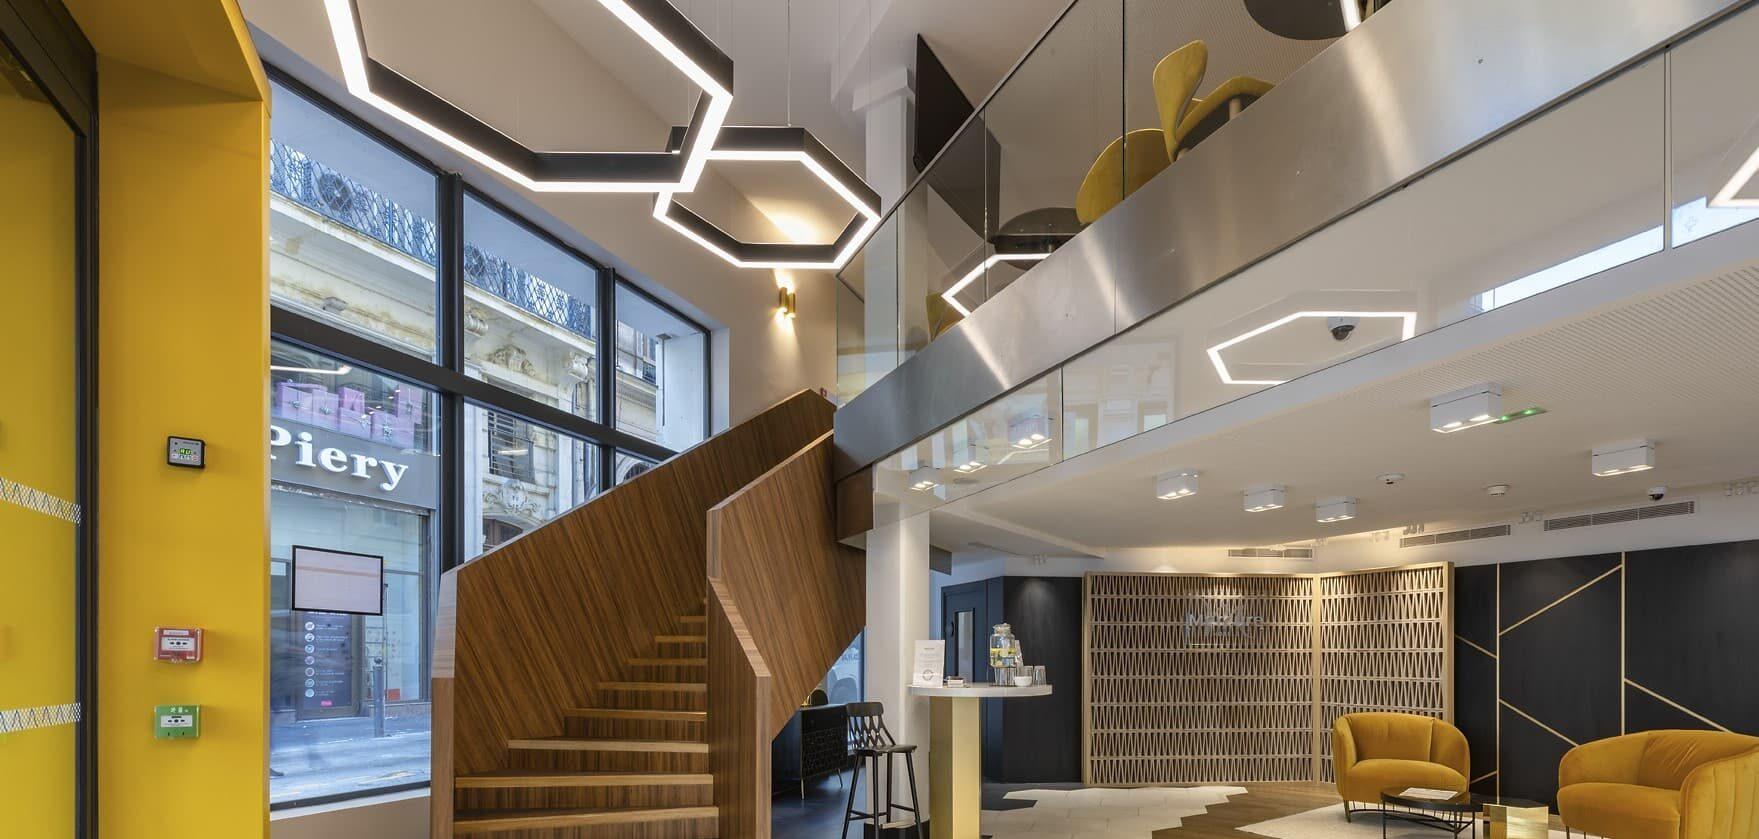 Eclairage de l'escaliers de l'Hôtel Mercure Les Feuillants par des suspensions architecturales